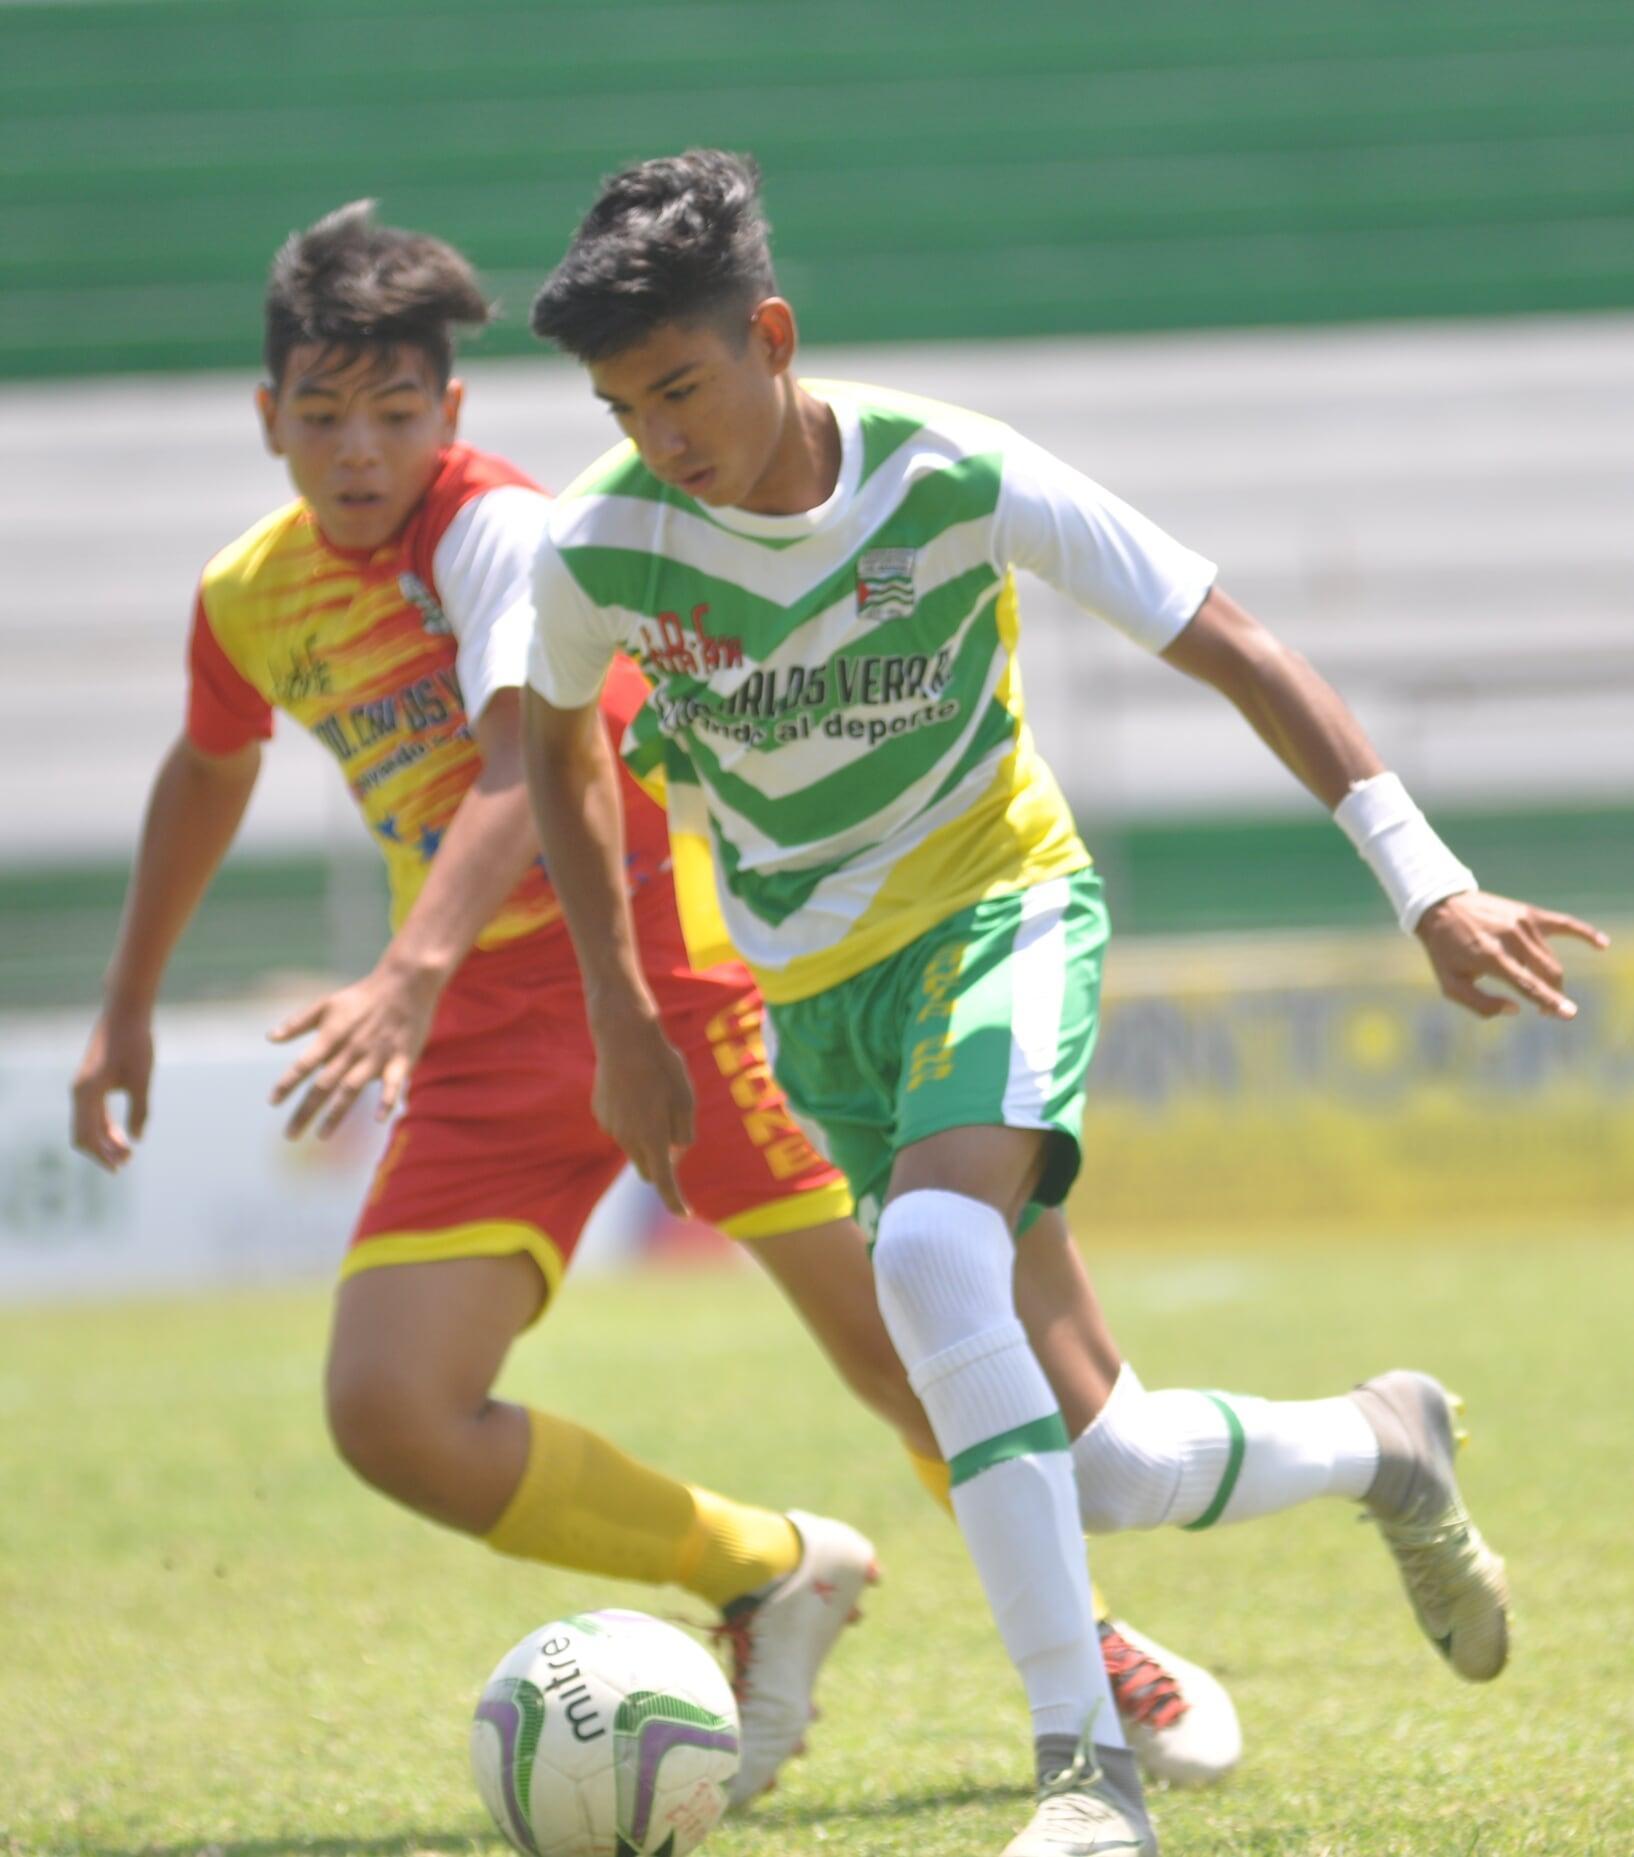 Se repite la final entre Portoviejo y Santa Ana en la Copa El Diario-FDM